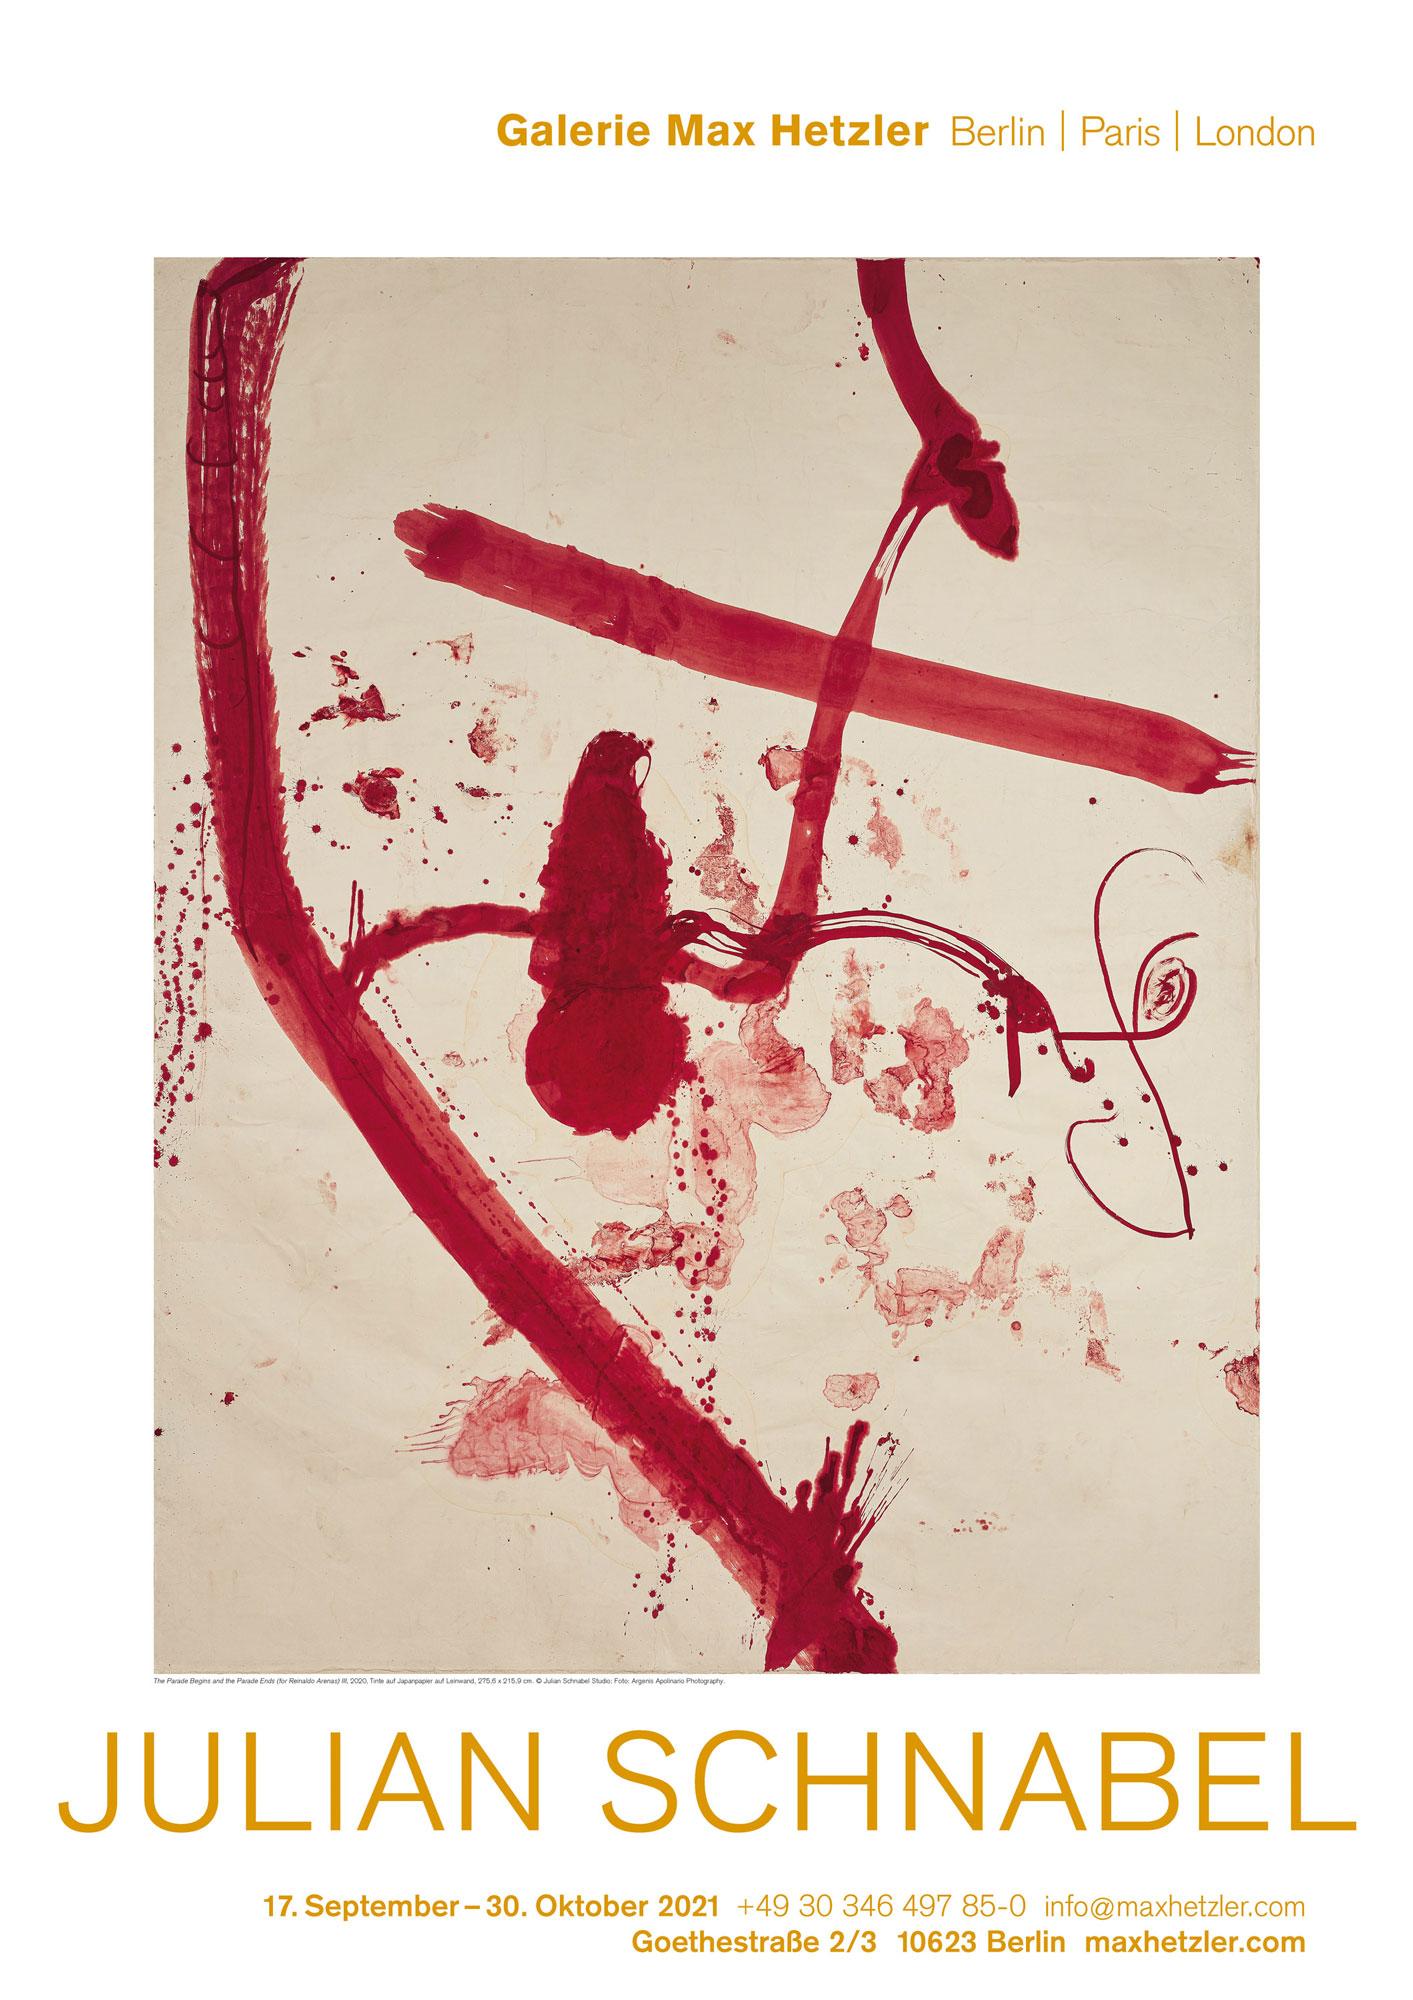 Julian Schnabel - Galerie Max Hetzler